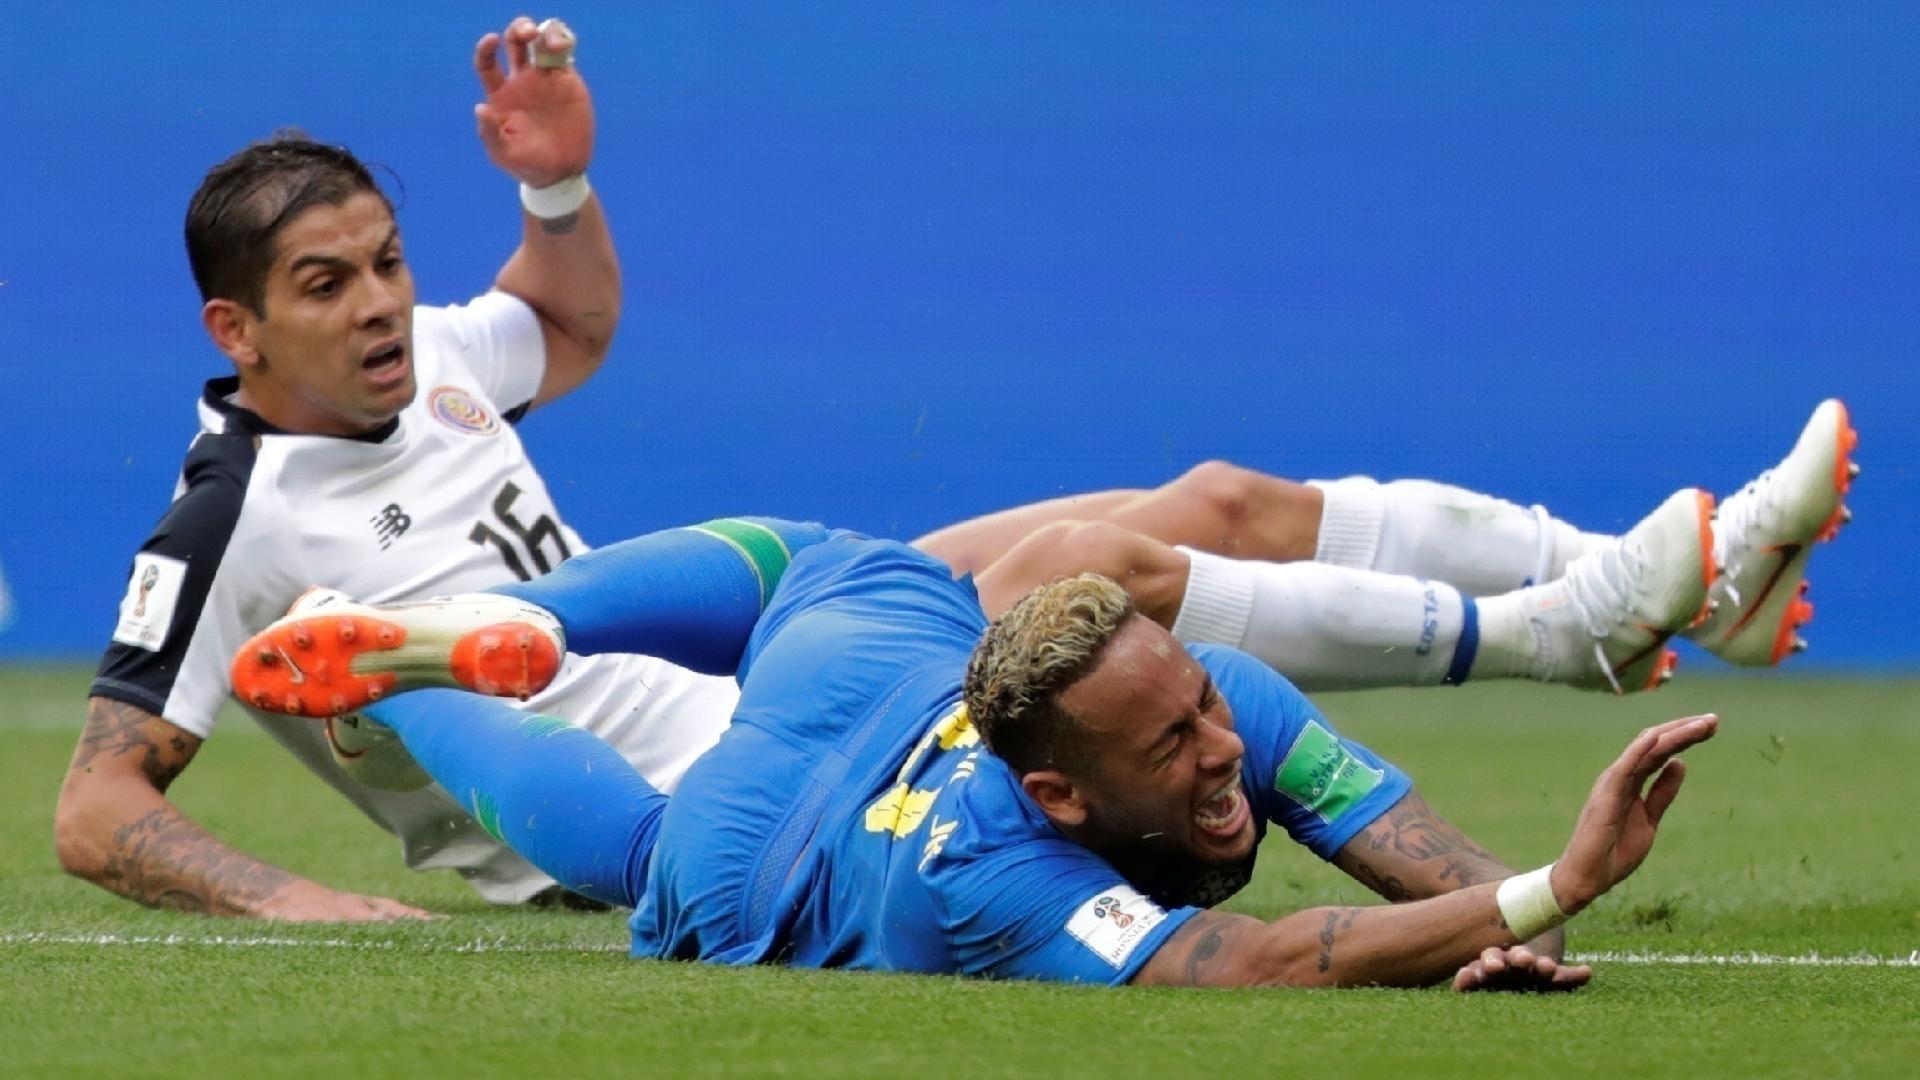 No primeiro tempo, Costa Rica montou linha defensiva com nove atletas de linha, além de Navas no gol, deixando somente um atleta próximo à intermediária